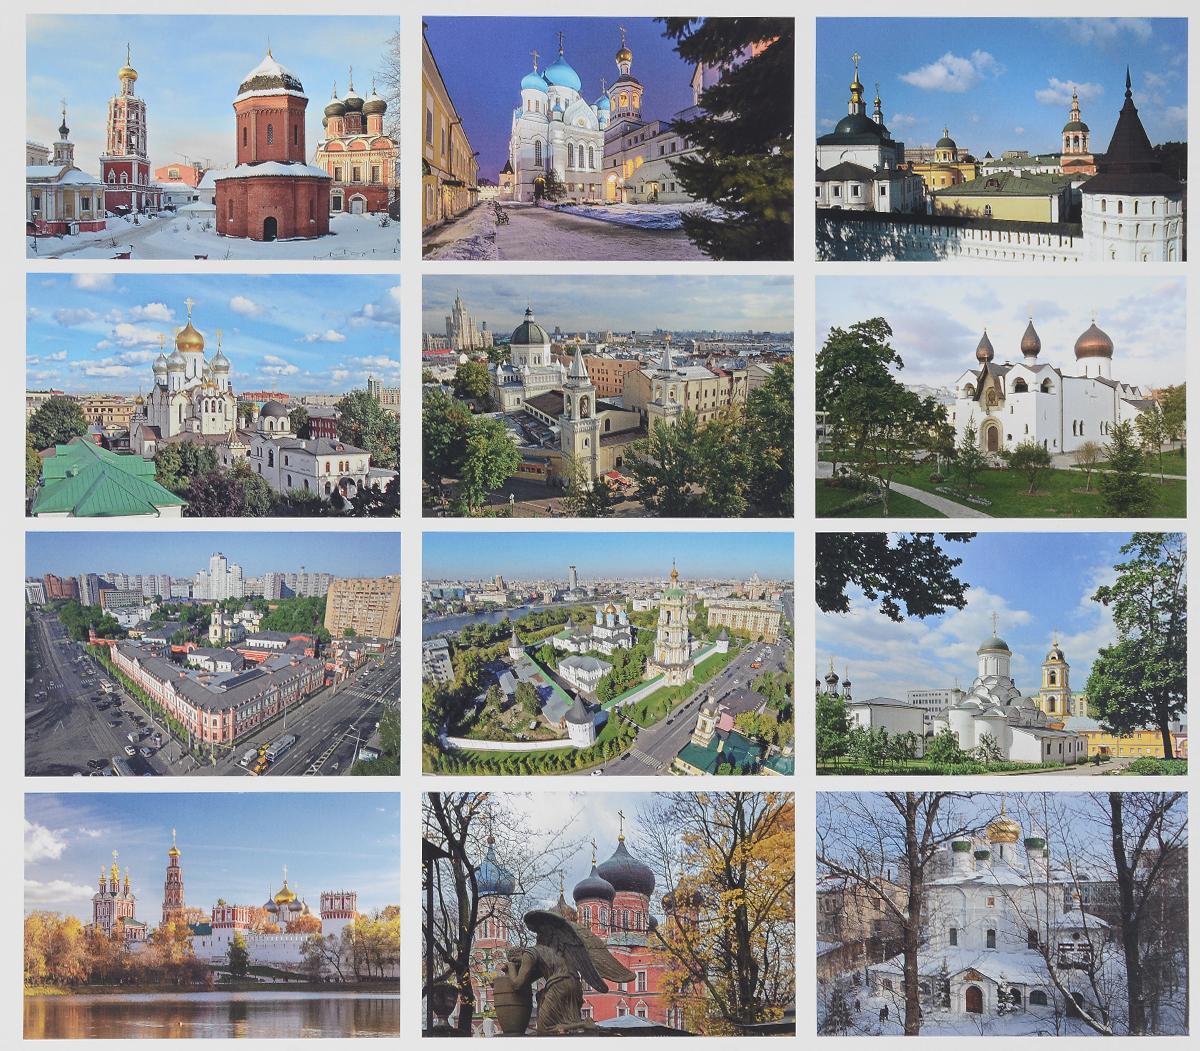 Календарь 2017 (на скрепке). 12 монастырей Москвы среди городской суеты